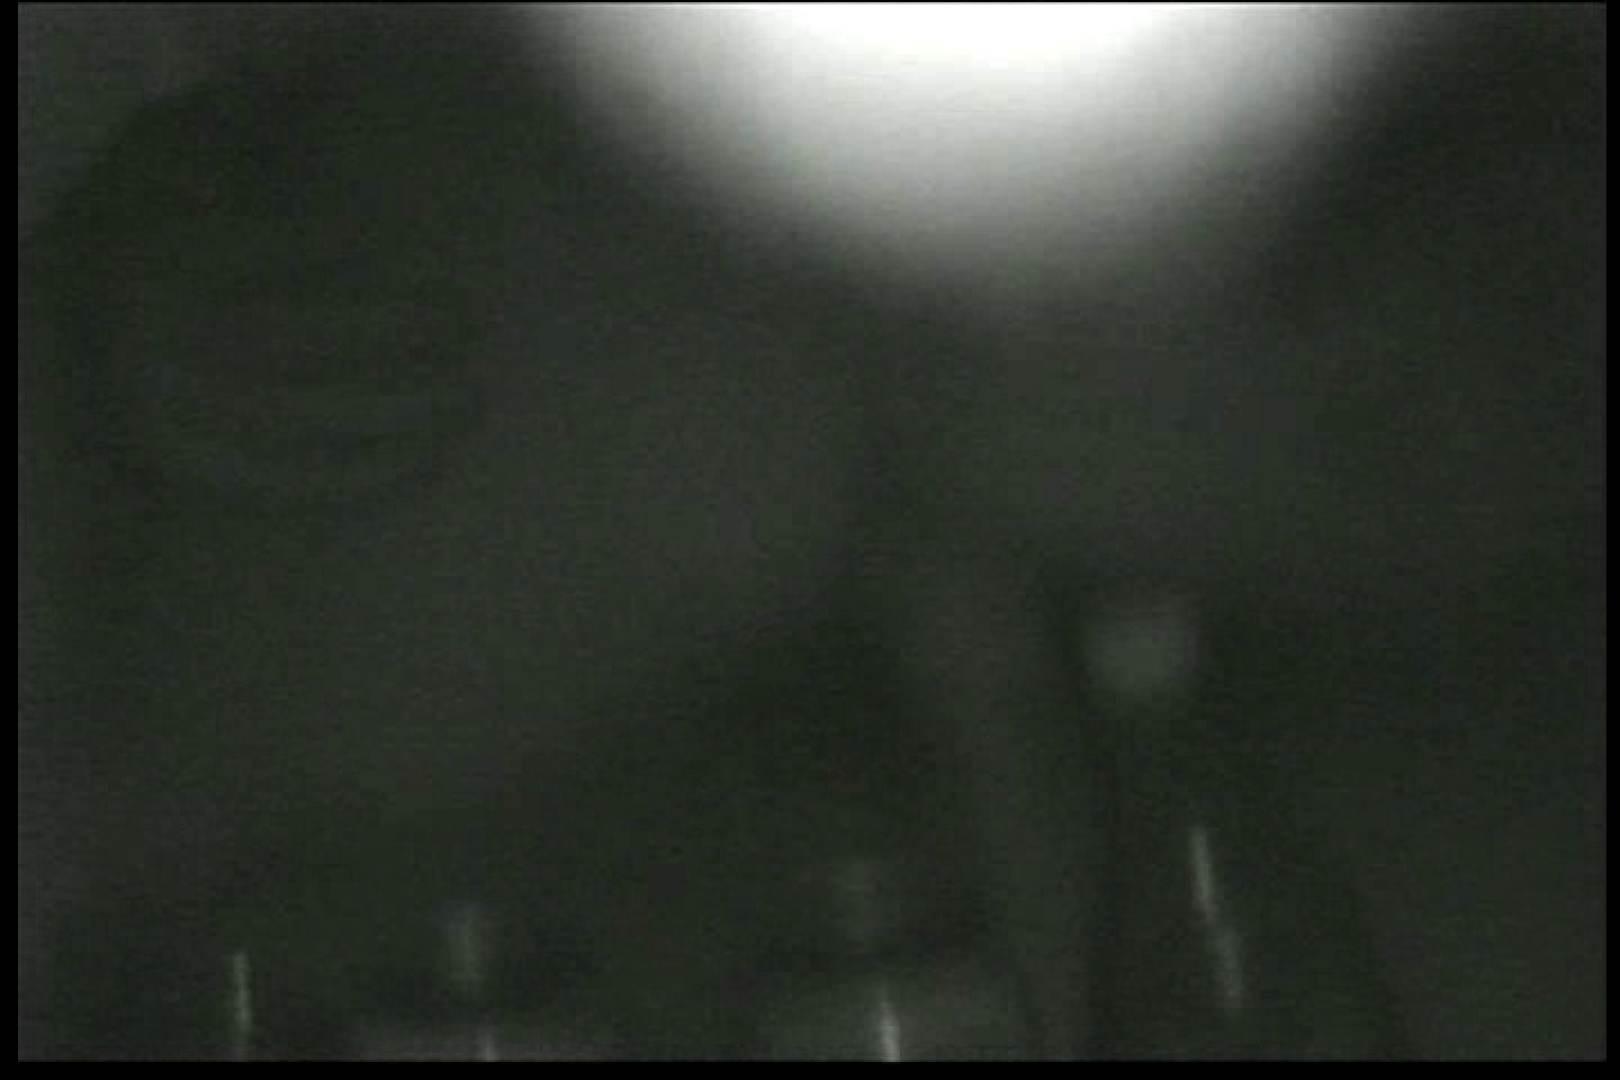 車の中はラブホテル 無修正版  Vol.12 感じるセックス オマンコ動画キャプチャ 109連発 107